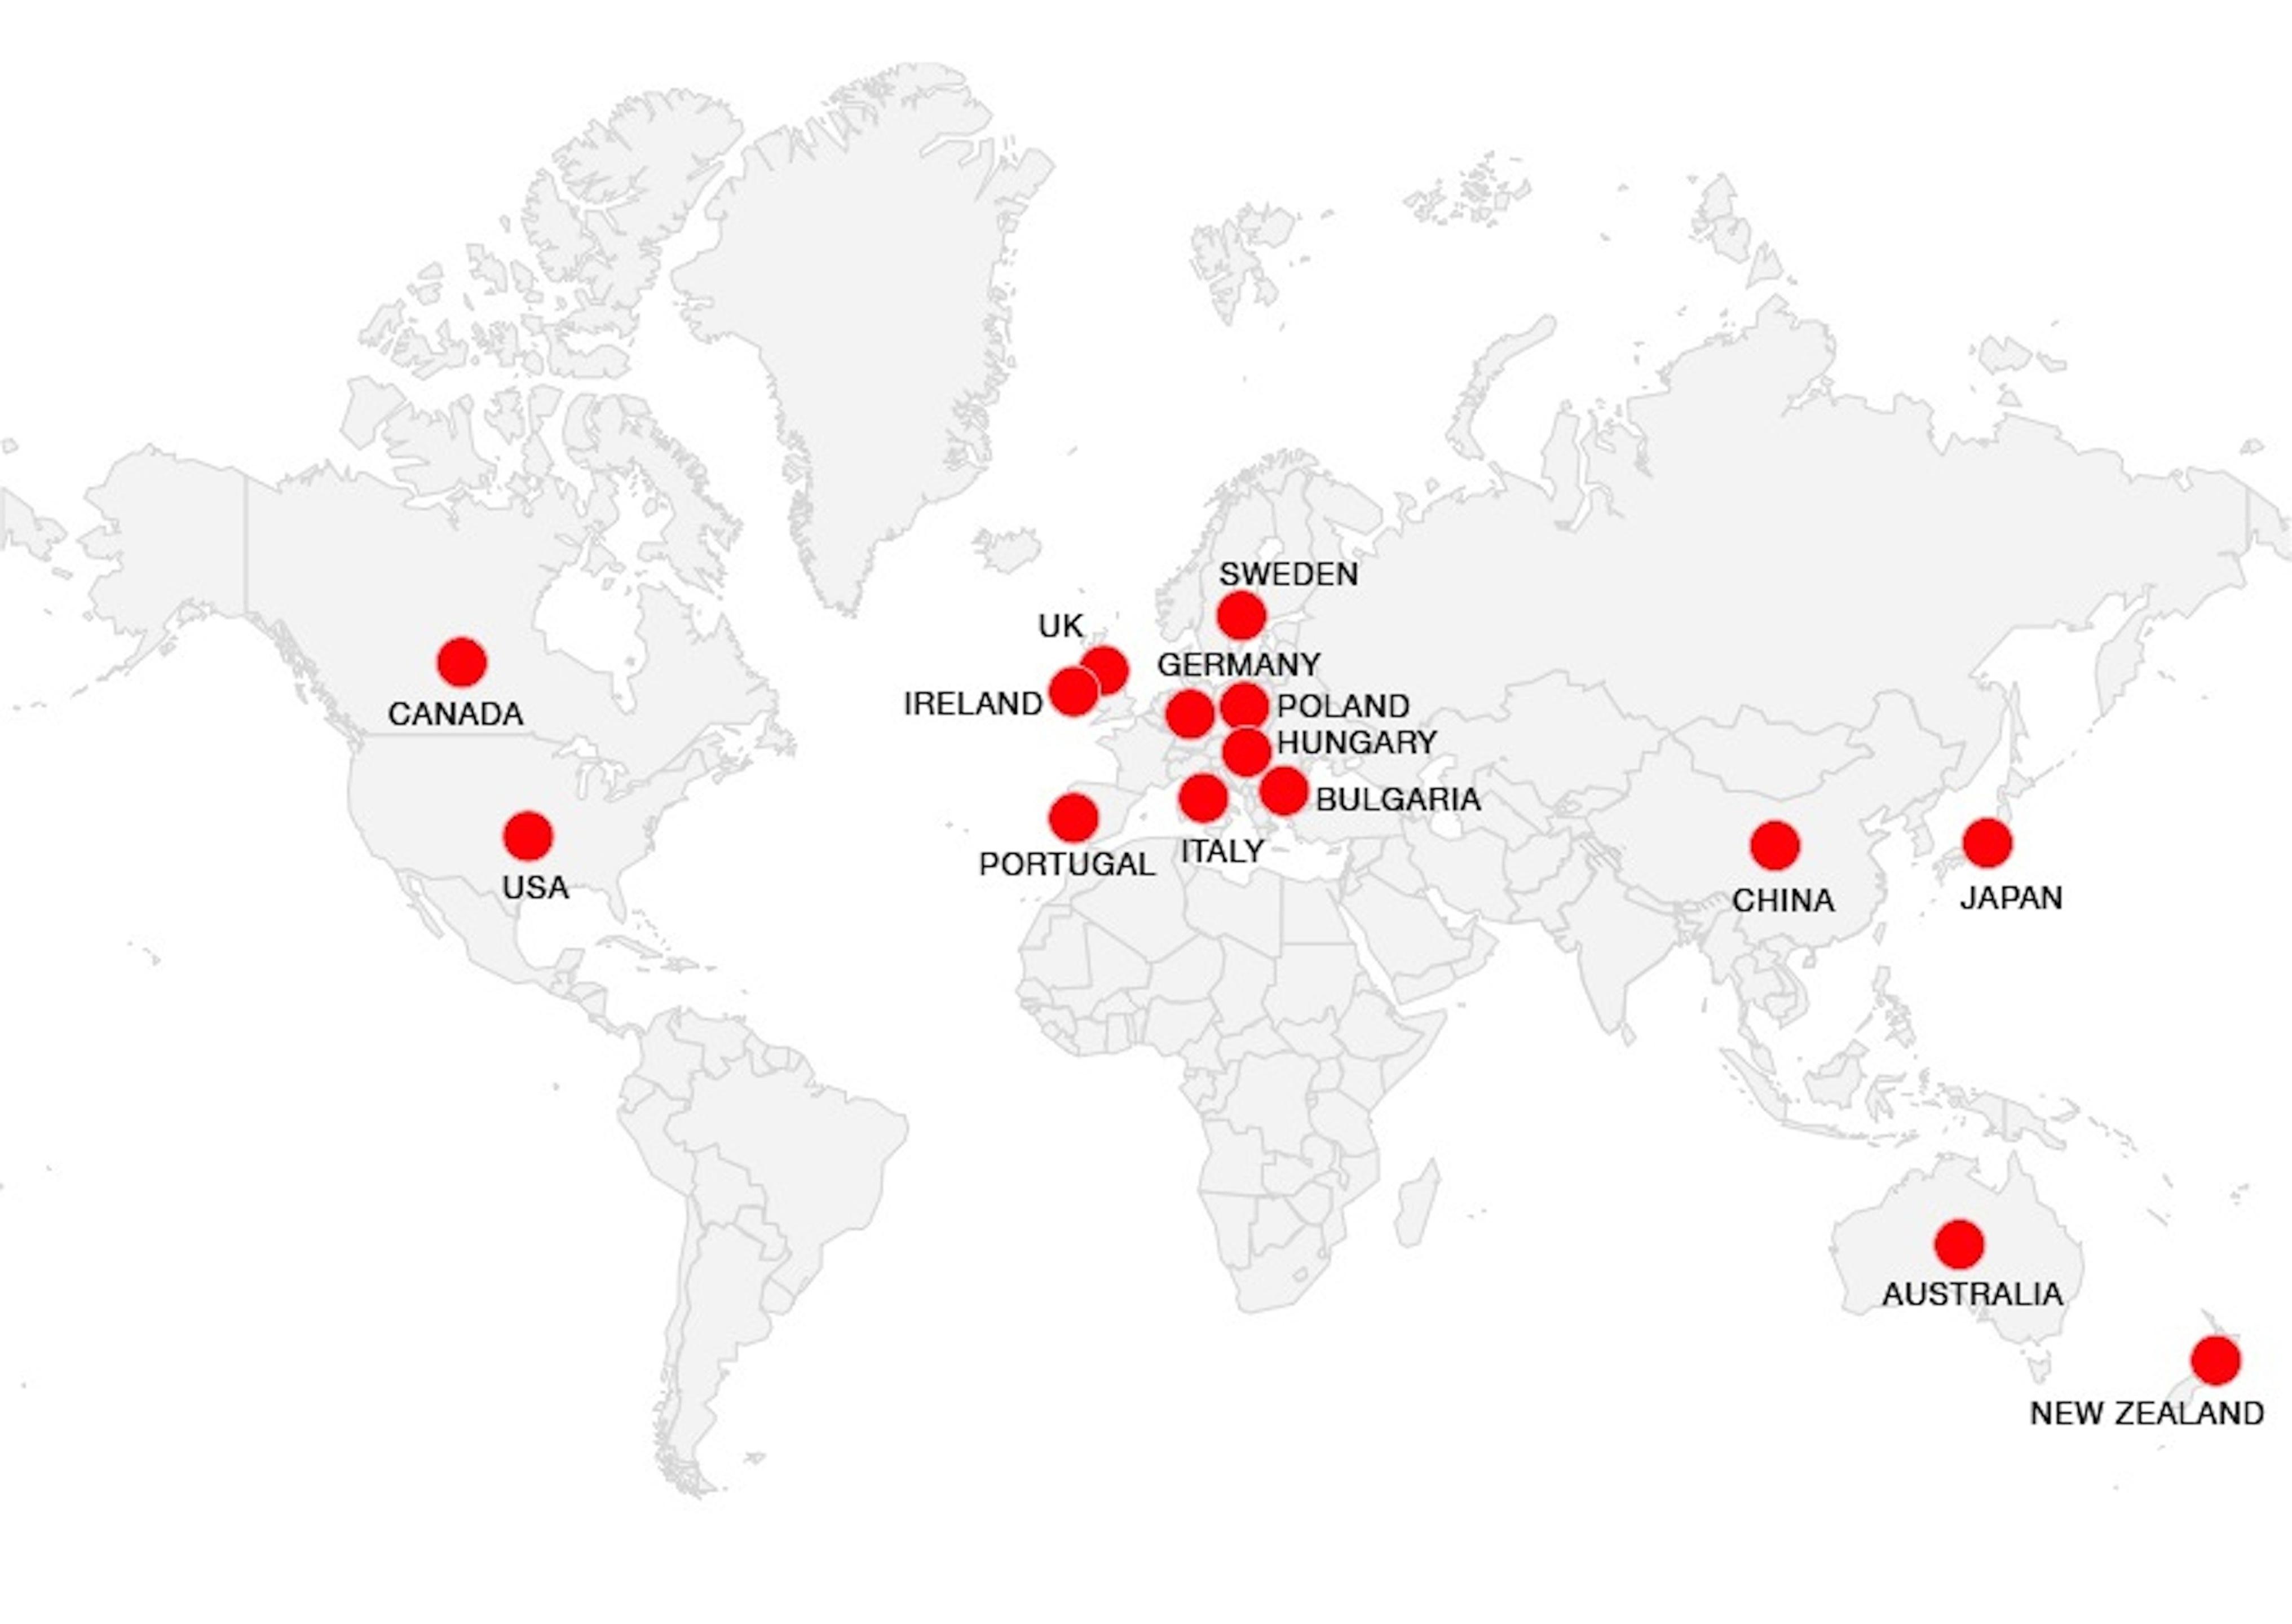 World art map: where's my art?